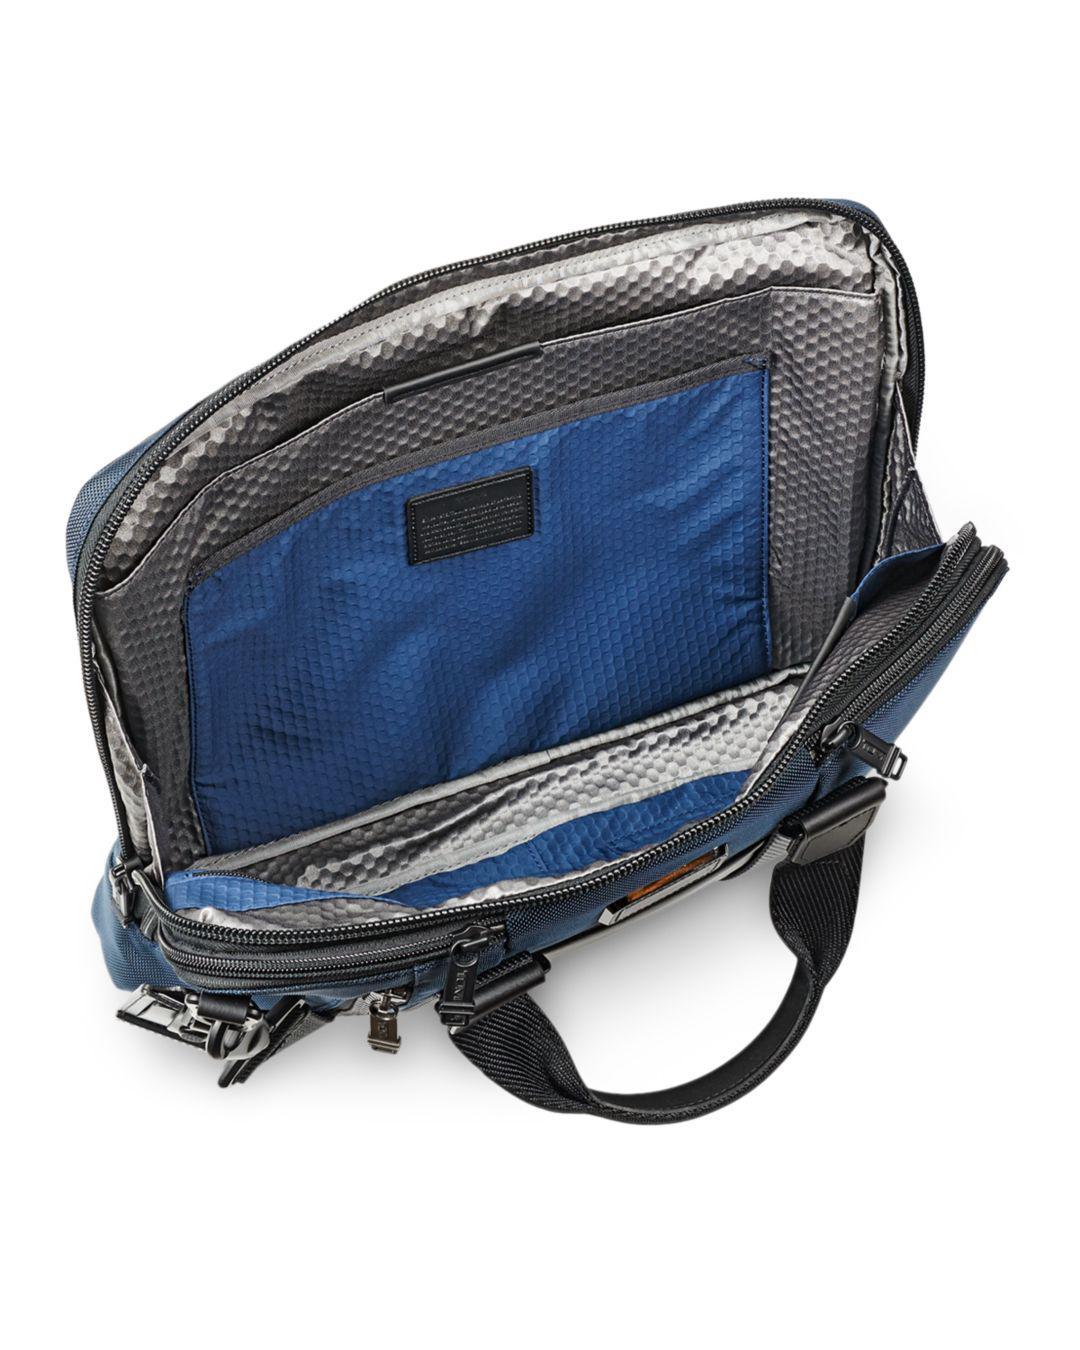 294cf3a43da1 Lyst - Tumi Aviano Slim Briefcase in Blue for Men